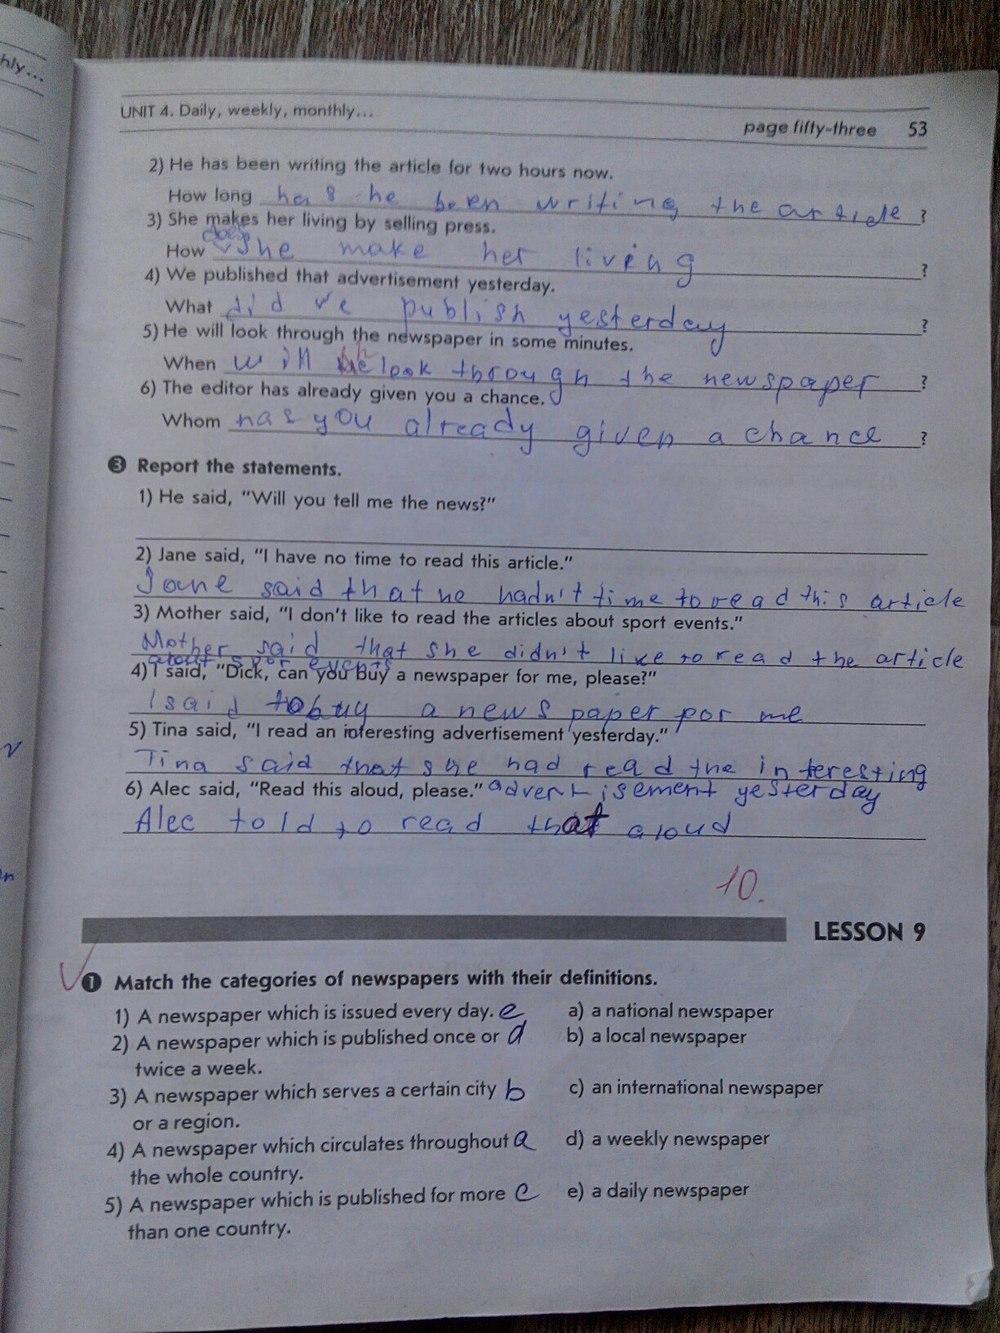 ГДЗ відповіді робочий зошит по английскому языку 8 класс О.М. Павліченко. Задание: стр. 53